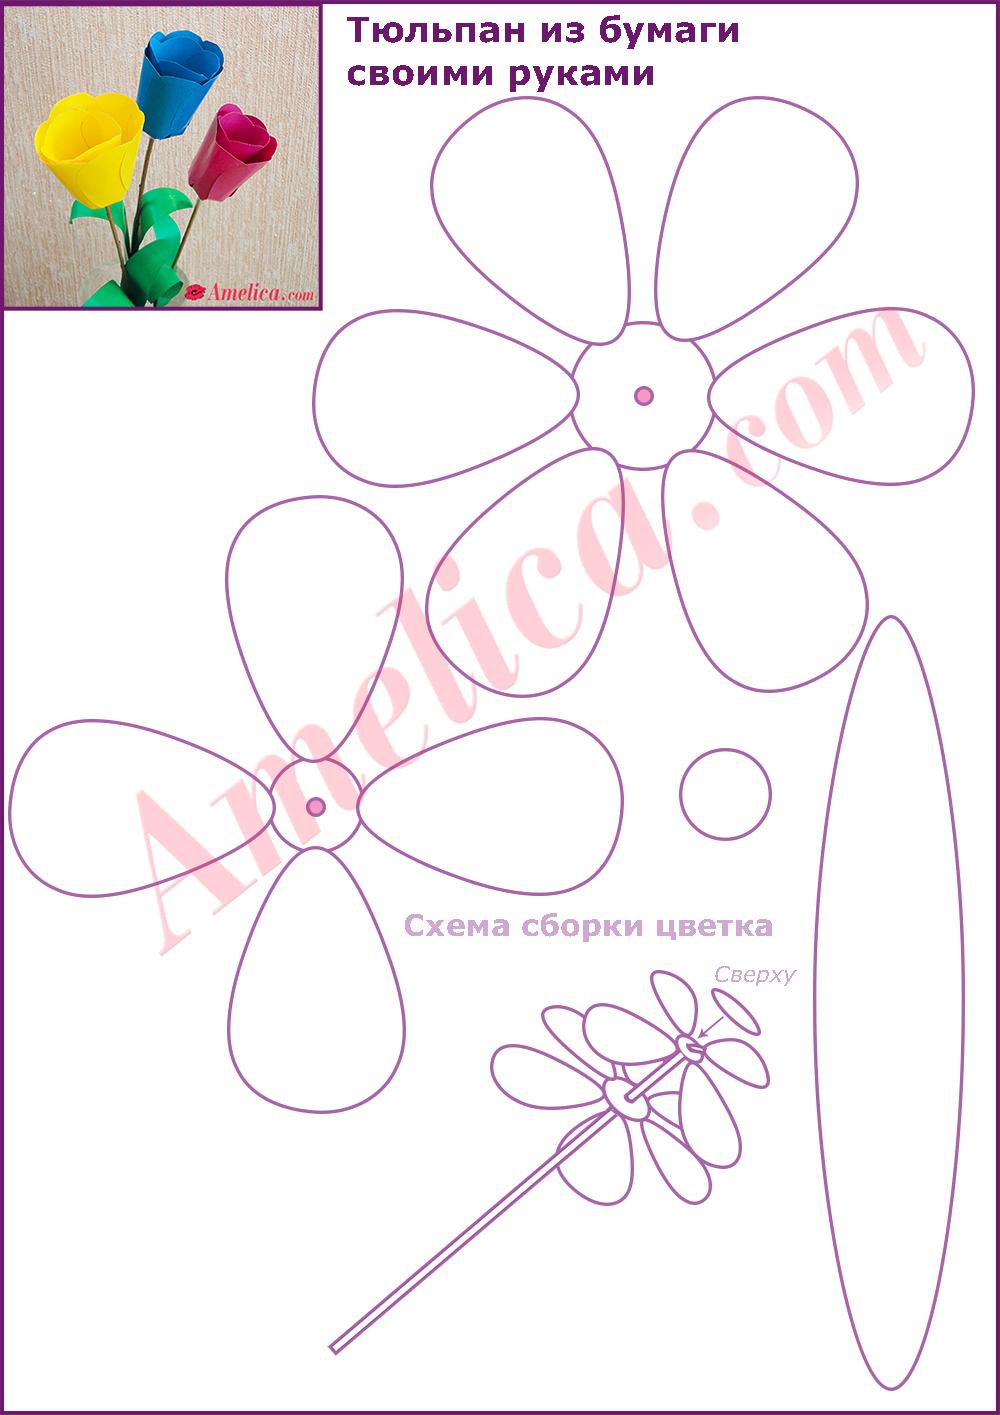 Аппликации из бумаги своими руками схемы шаблоны для детей цветы